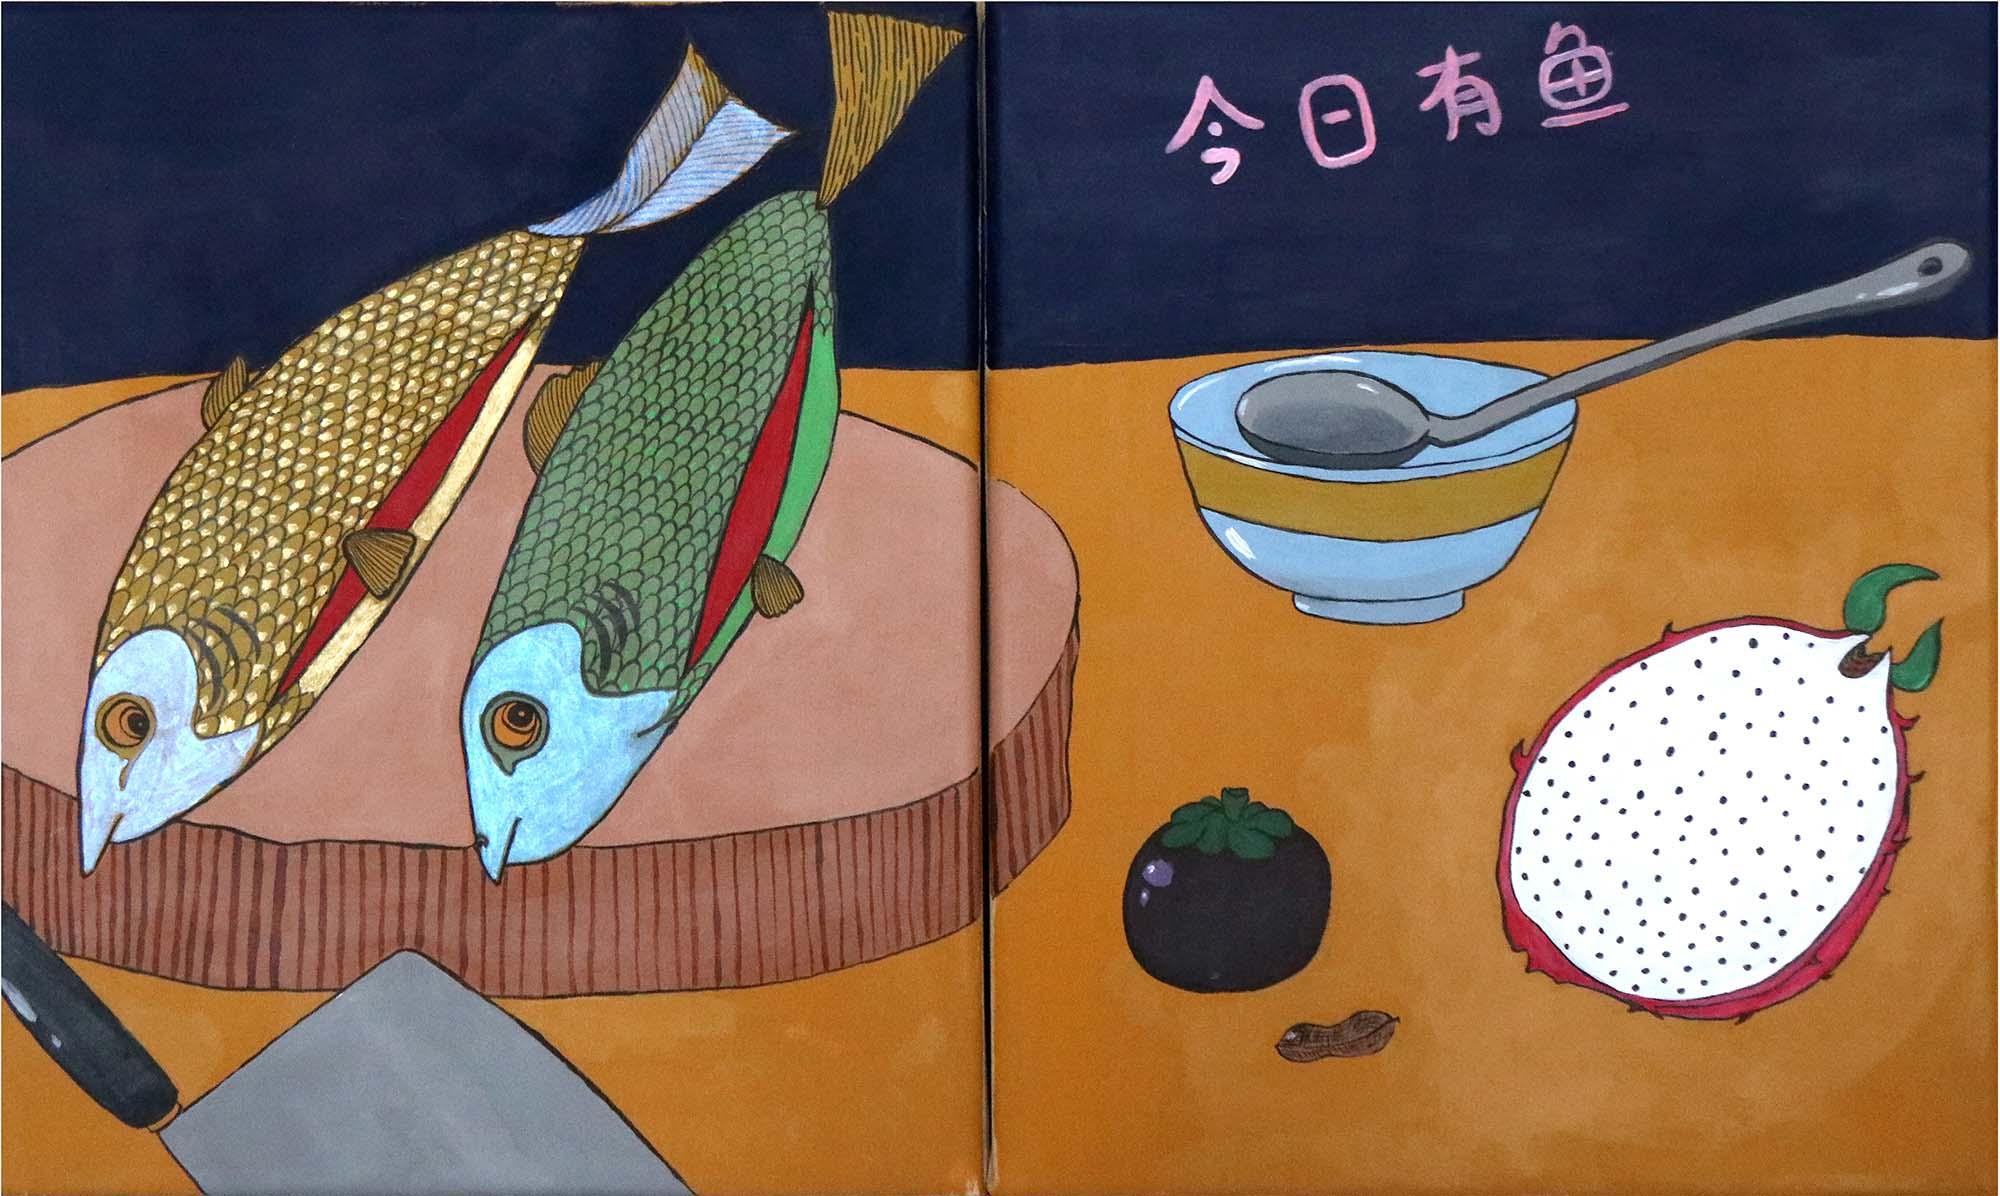 Shipei Wang